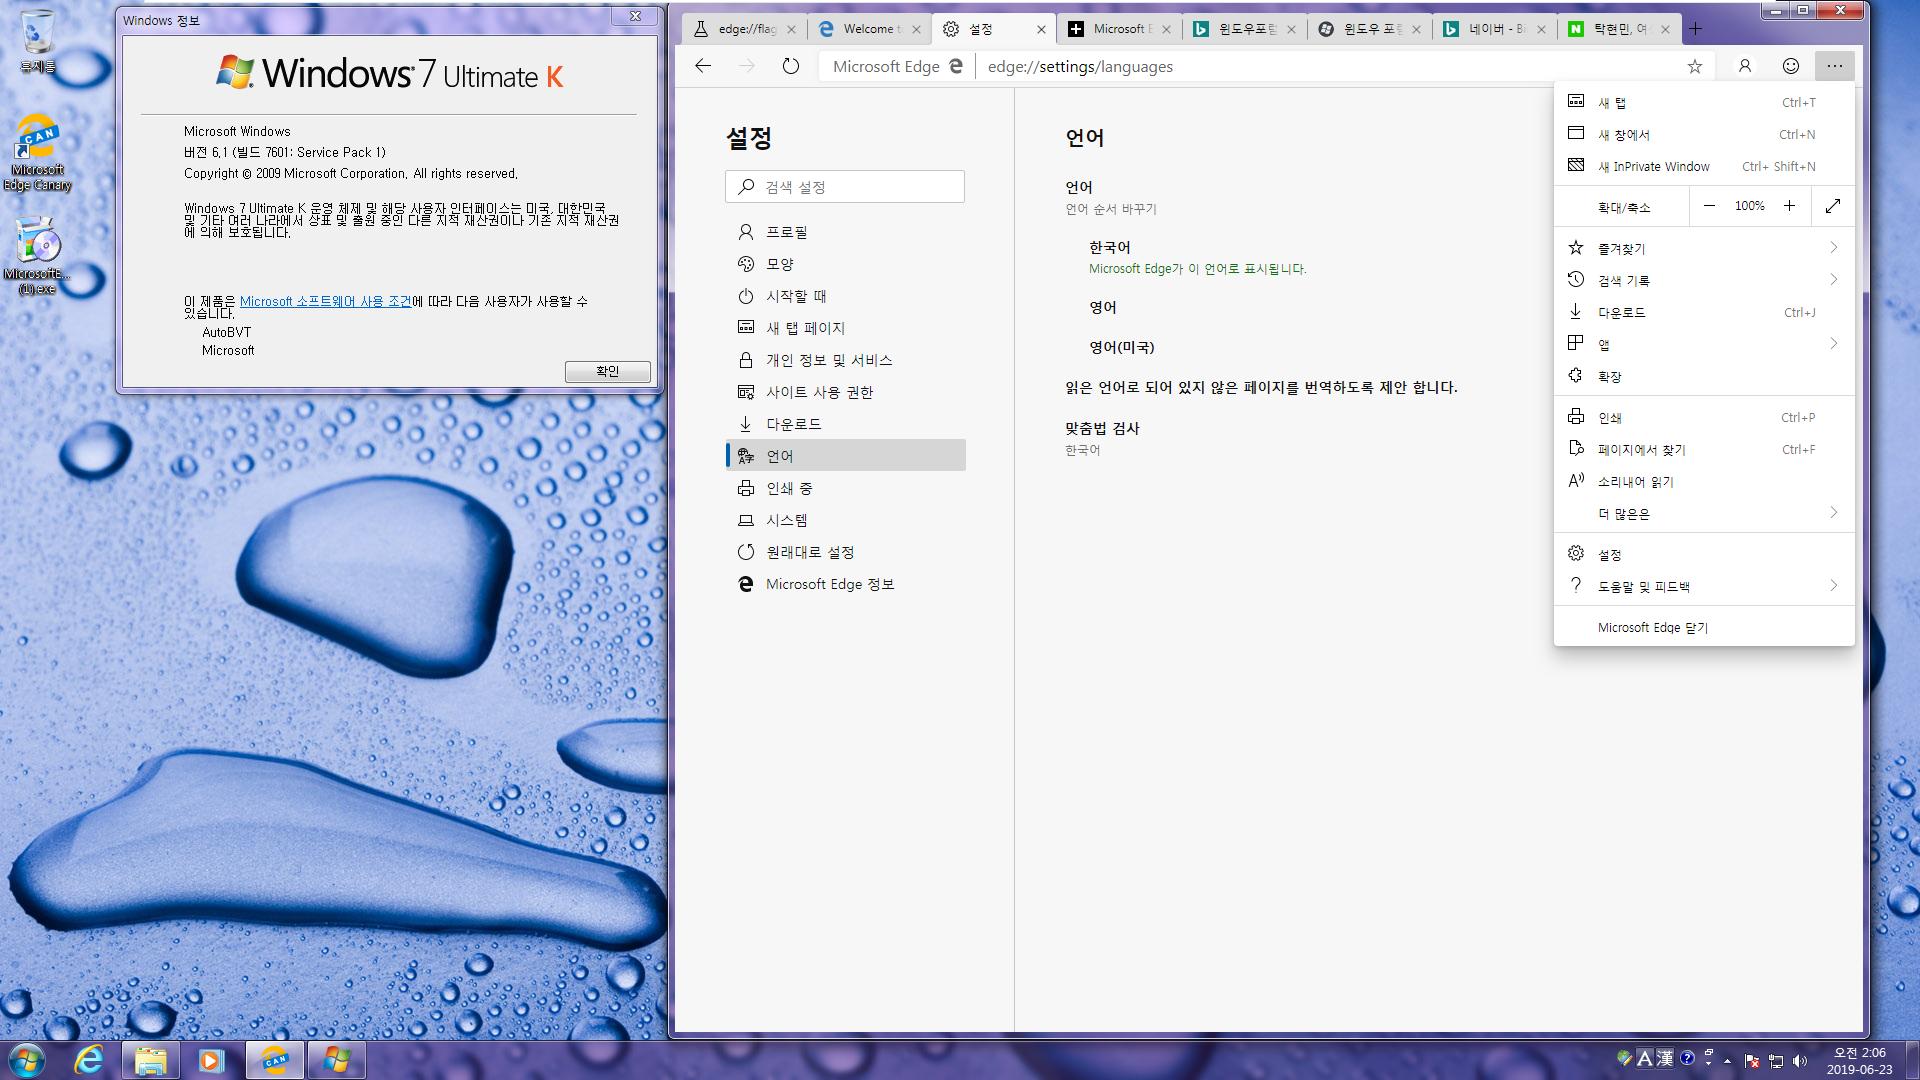 크로미엄 기반 엣지 - 윈도7 에 버전 77.0.197.0 (공식 빌드) canary(64비트) 설치해봤습니다 - 2번째 - 한국어로 설정하기 2019-06-23_020618.png